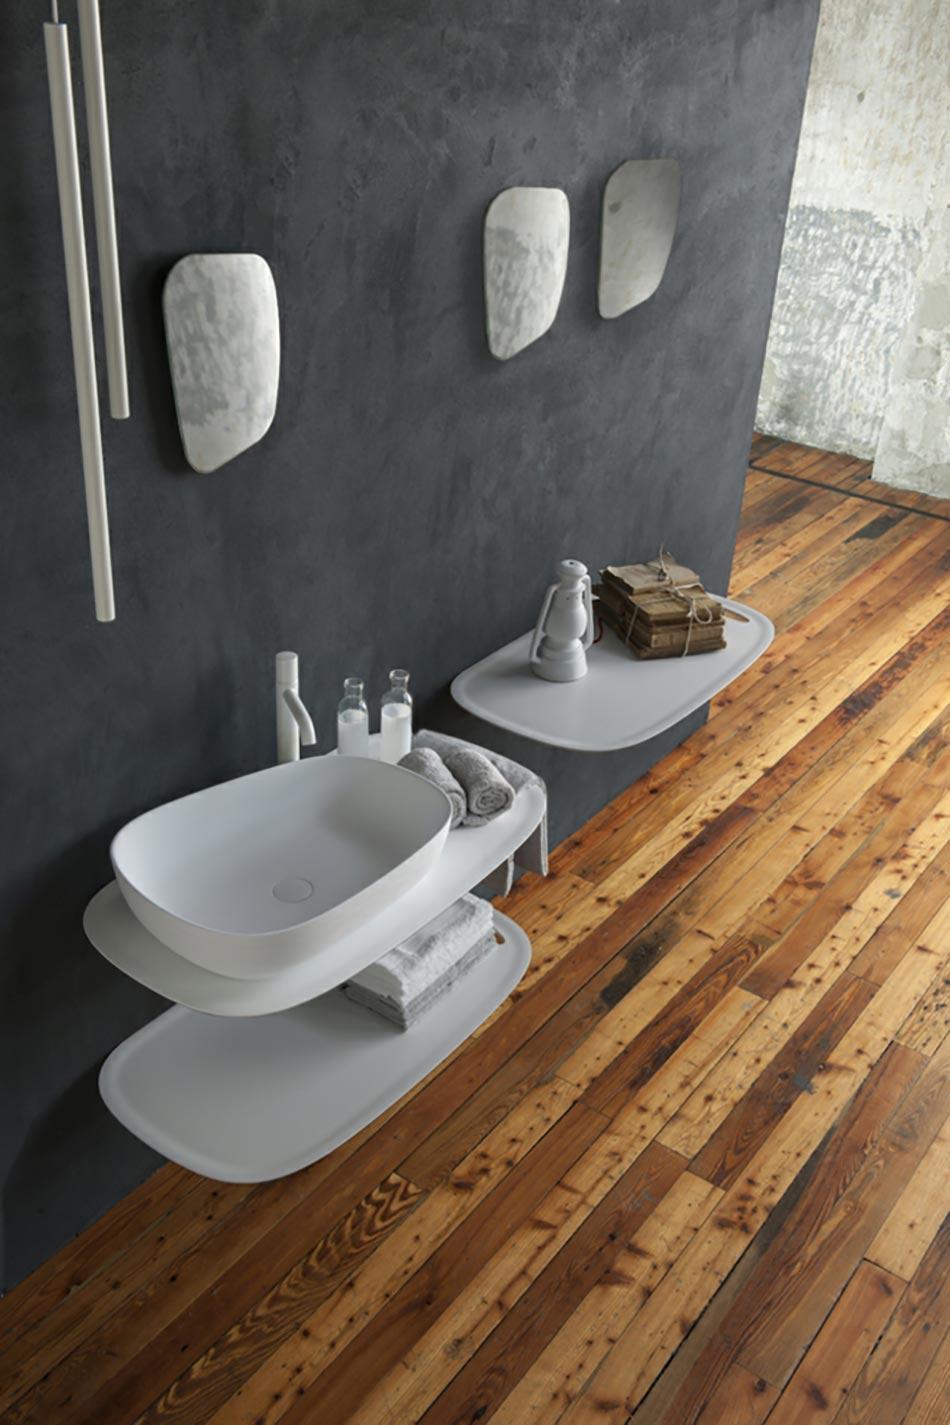 Aménagement Intérieur Salle Bain aménagement salle de bain version luxe | design feria